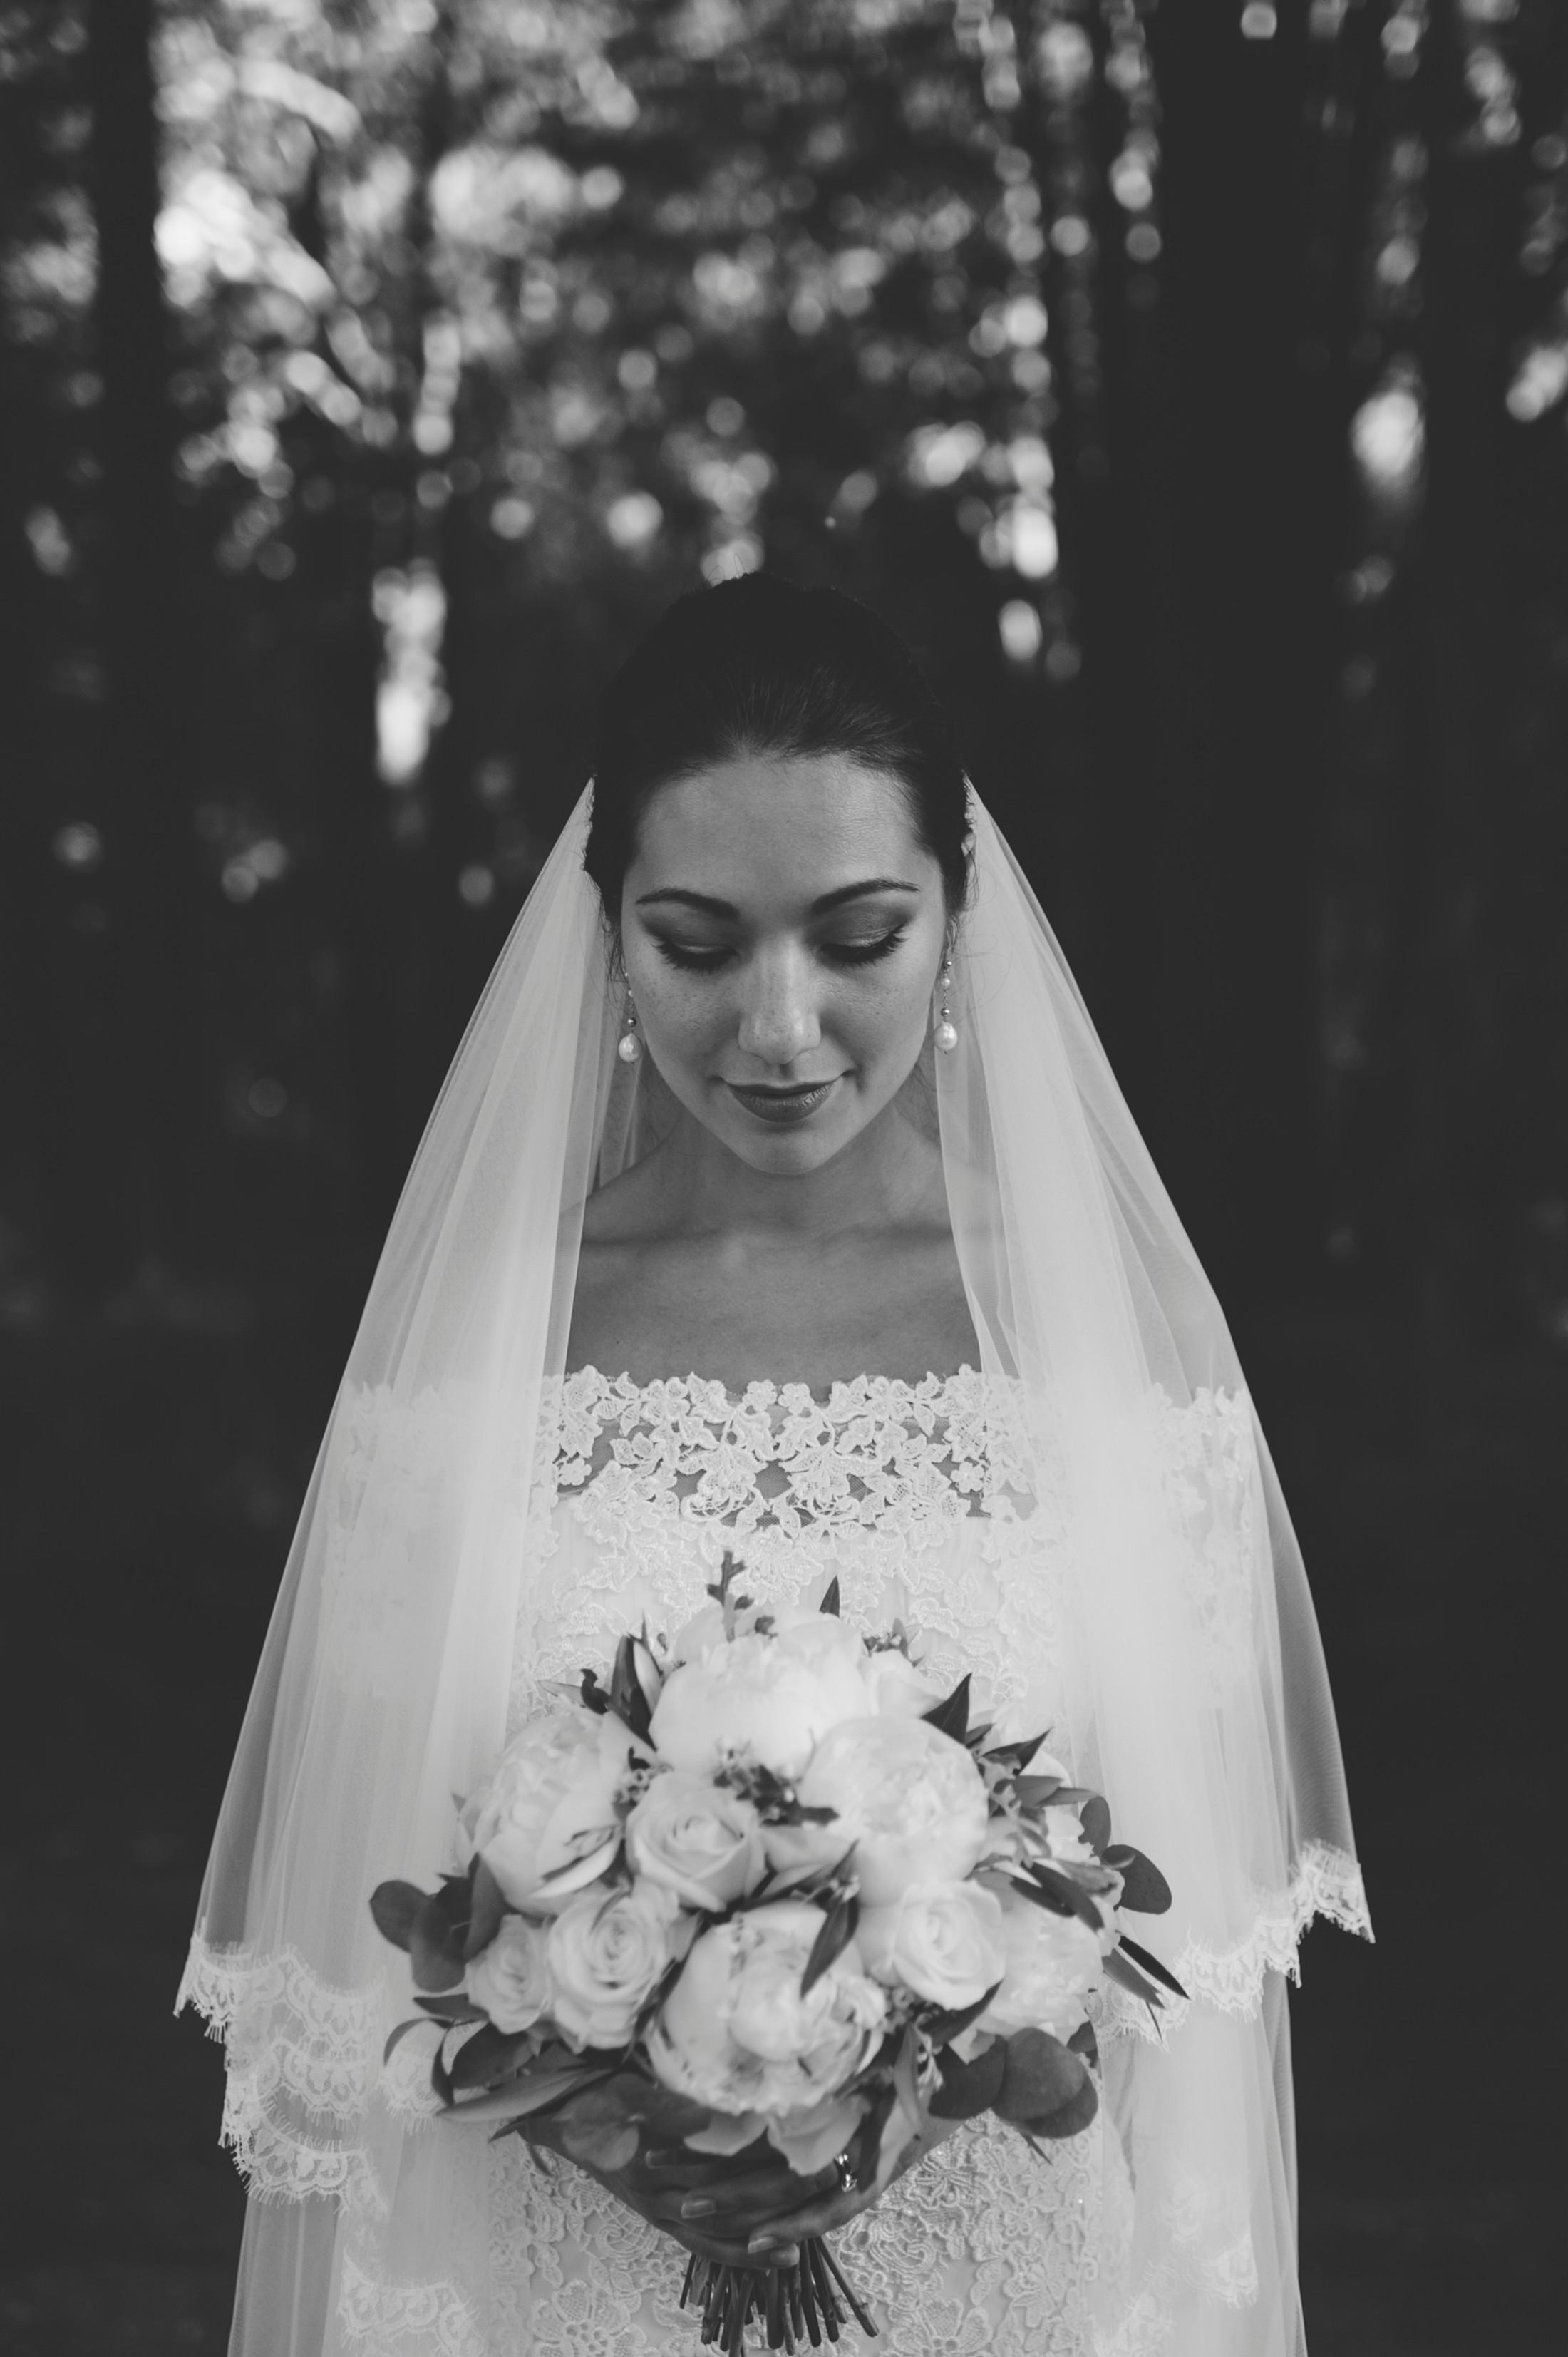 bride's portrait in black and white